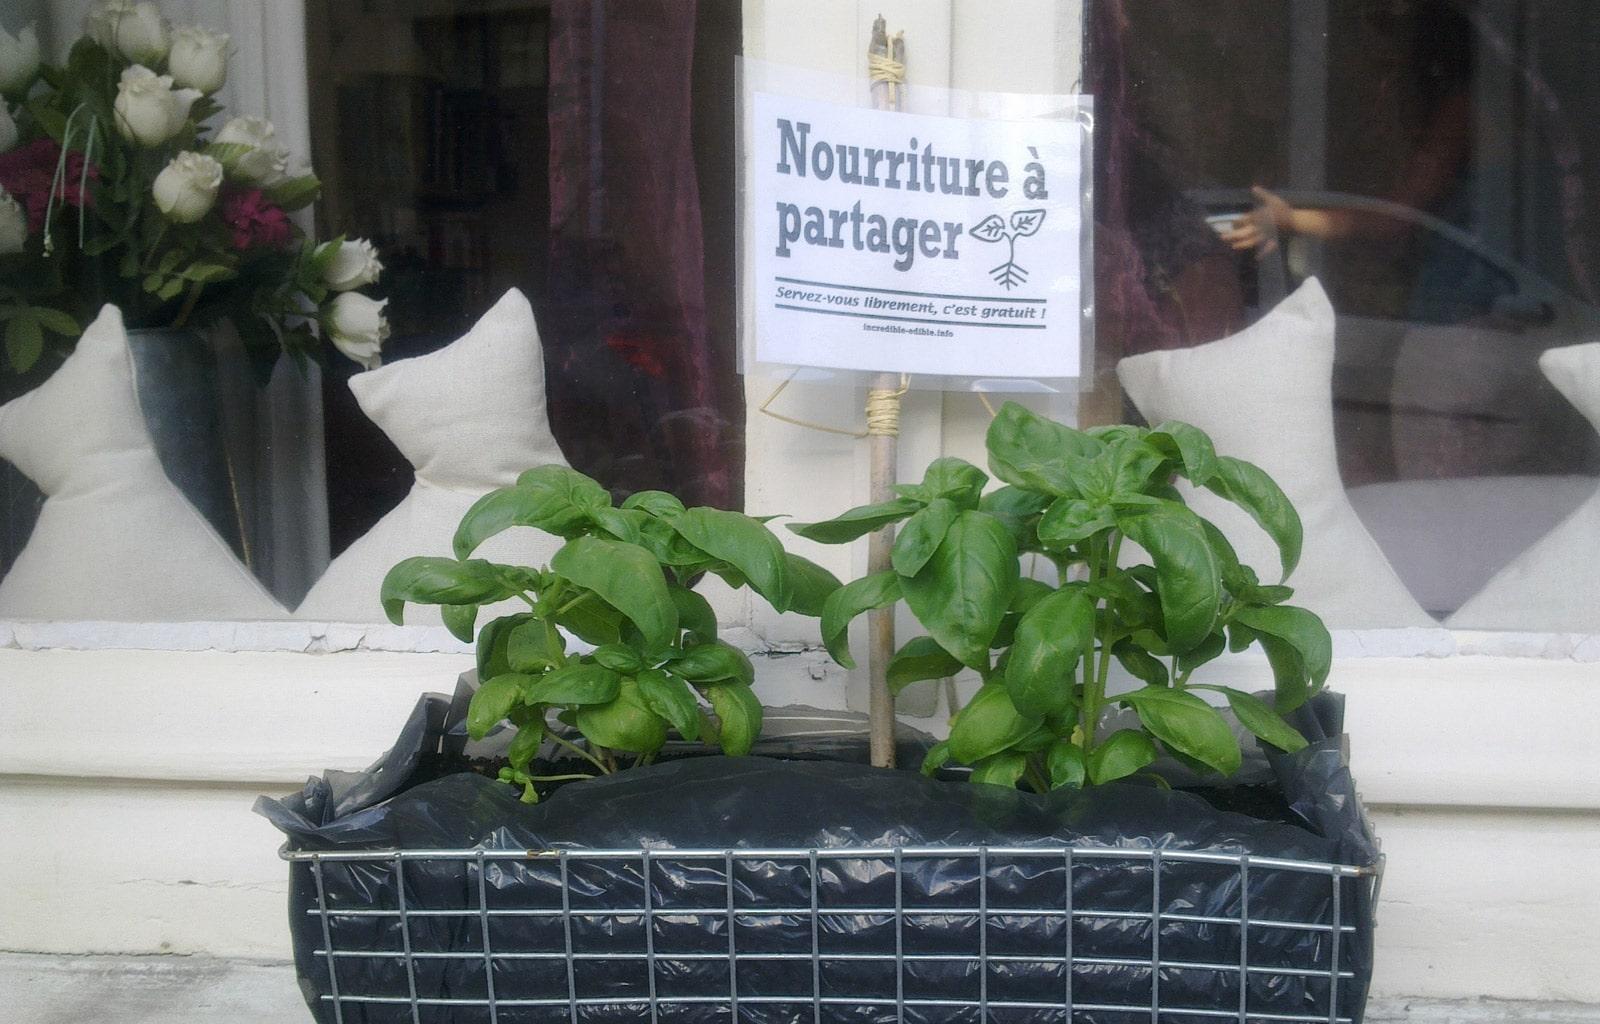 c601_incredible_edible_todmorden_france_sciences-et-vie-junior_agriculture_urbaine_autosuffisance_alimentaire_paris_basilic_incroyables_comestibles_w1600